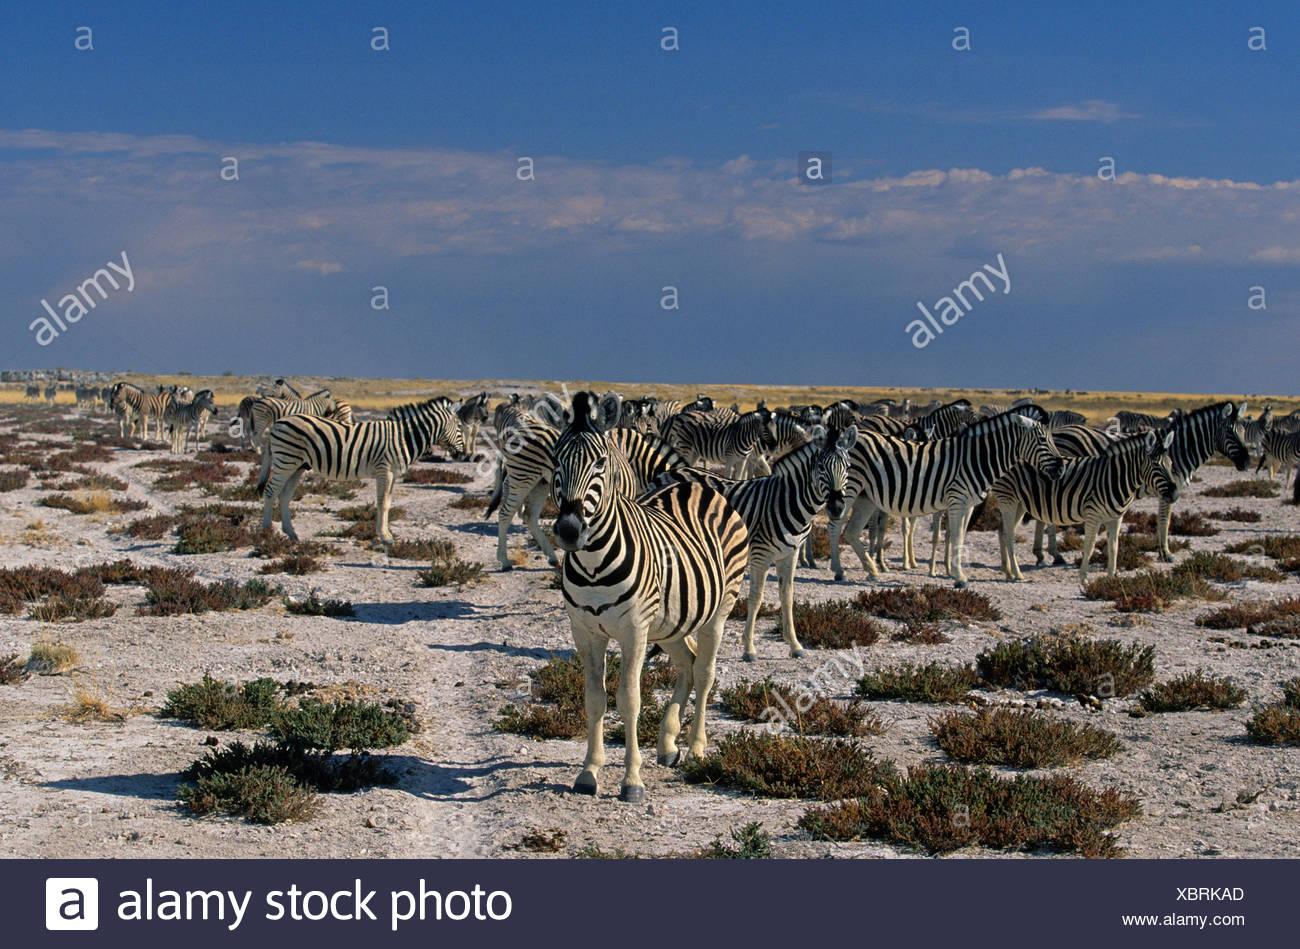 Zebra (Equus quagga), Etosha National Park, Namibia, Africa - Stock Image